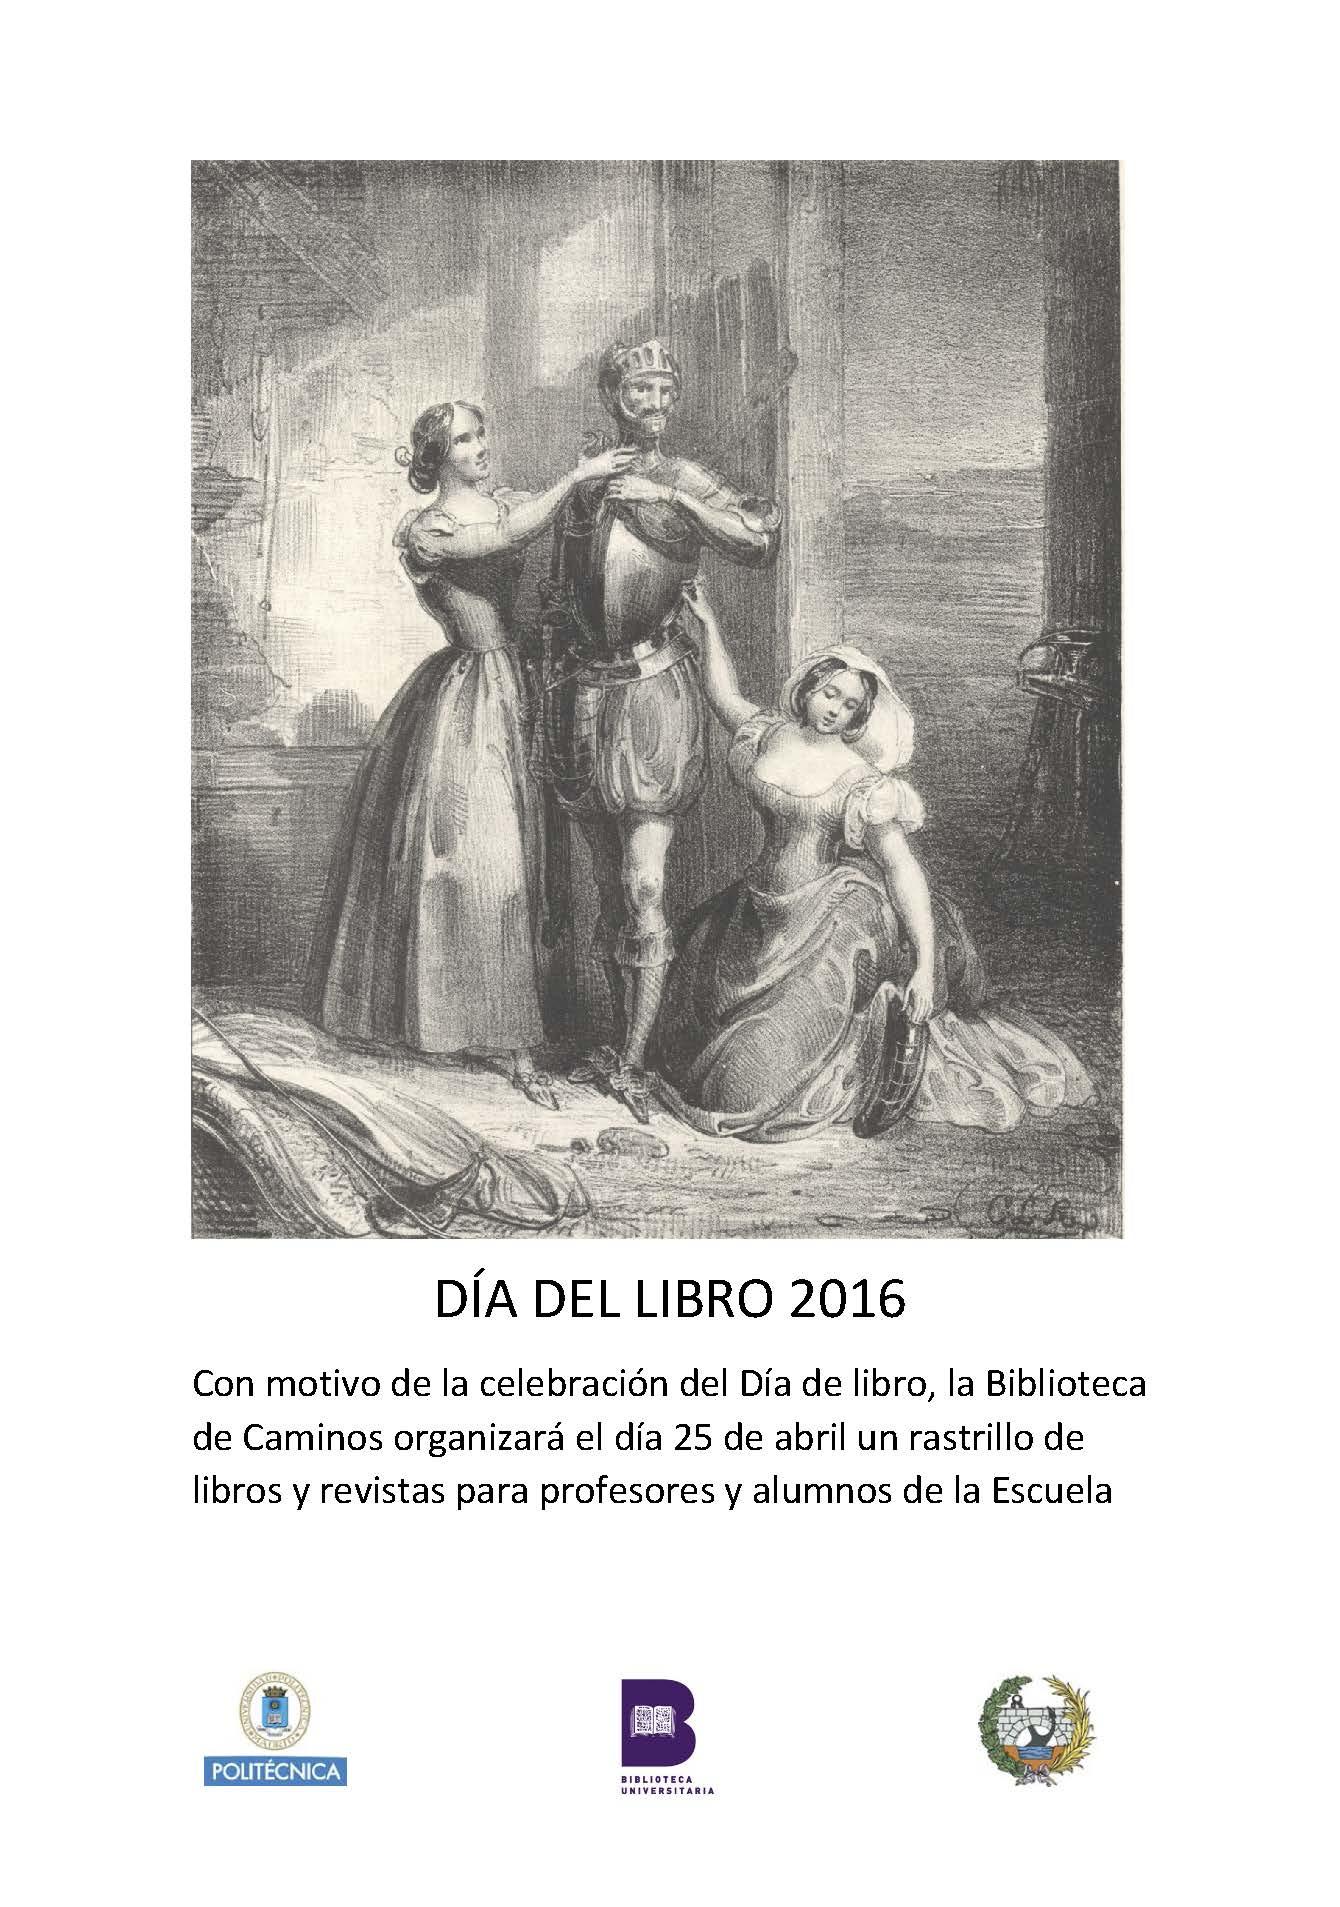 DÍA DEL LIBRO 2016